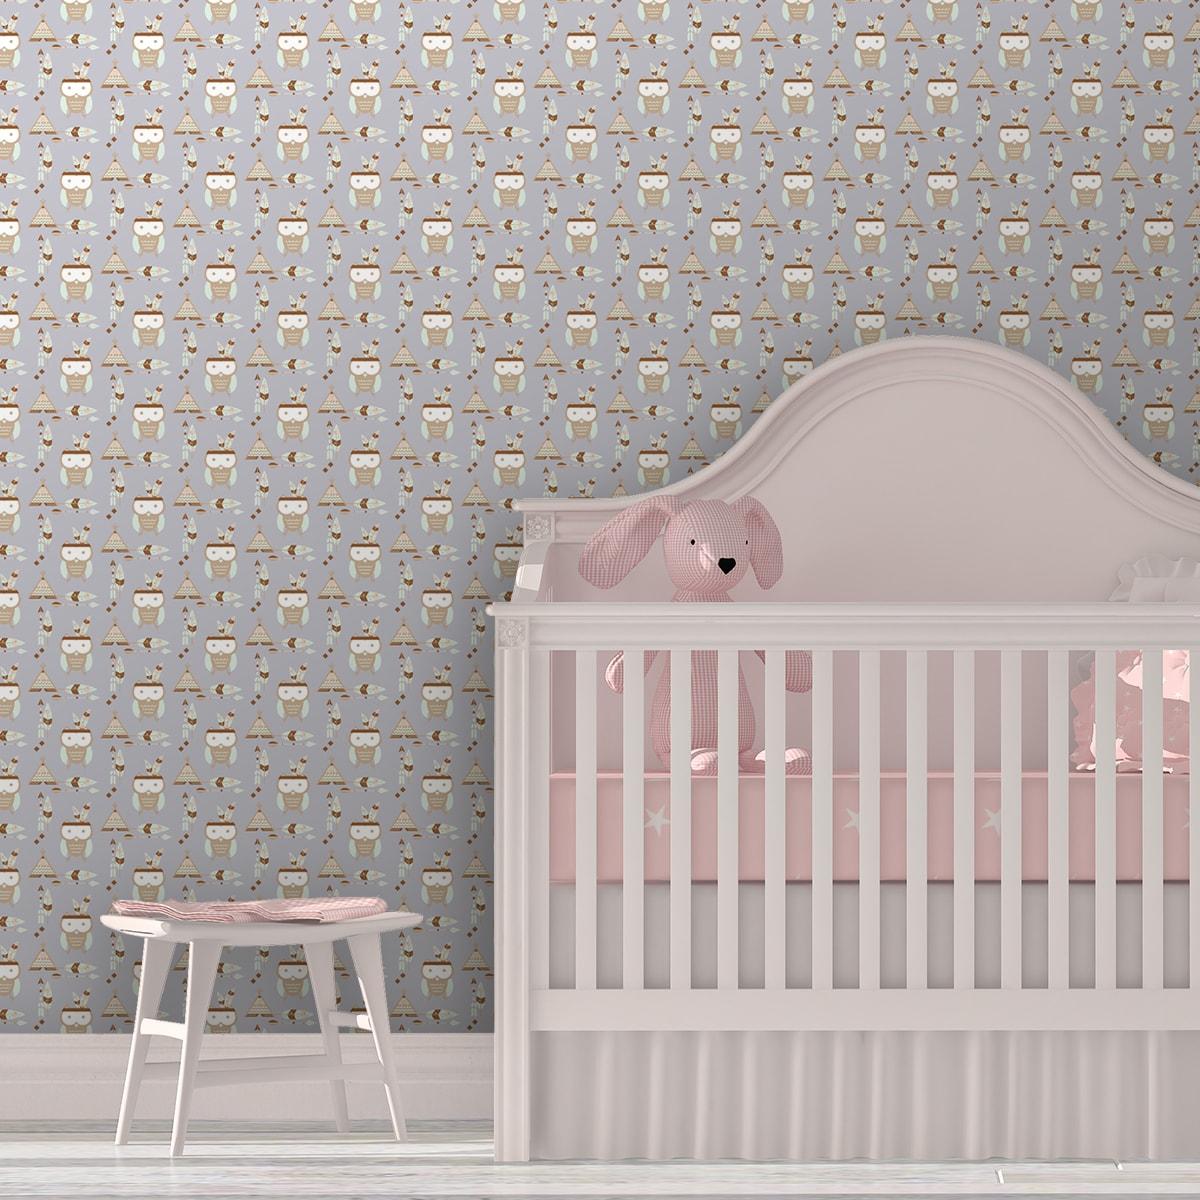 Kindertapete braun: Kindertapete Indianer Eulen mit Federn in grau - Design Tapete für Kinderzimmer